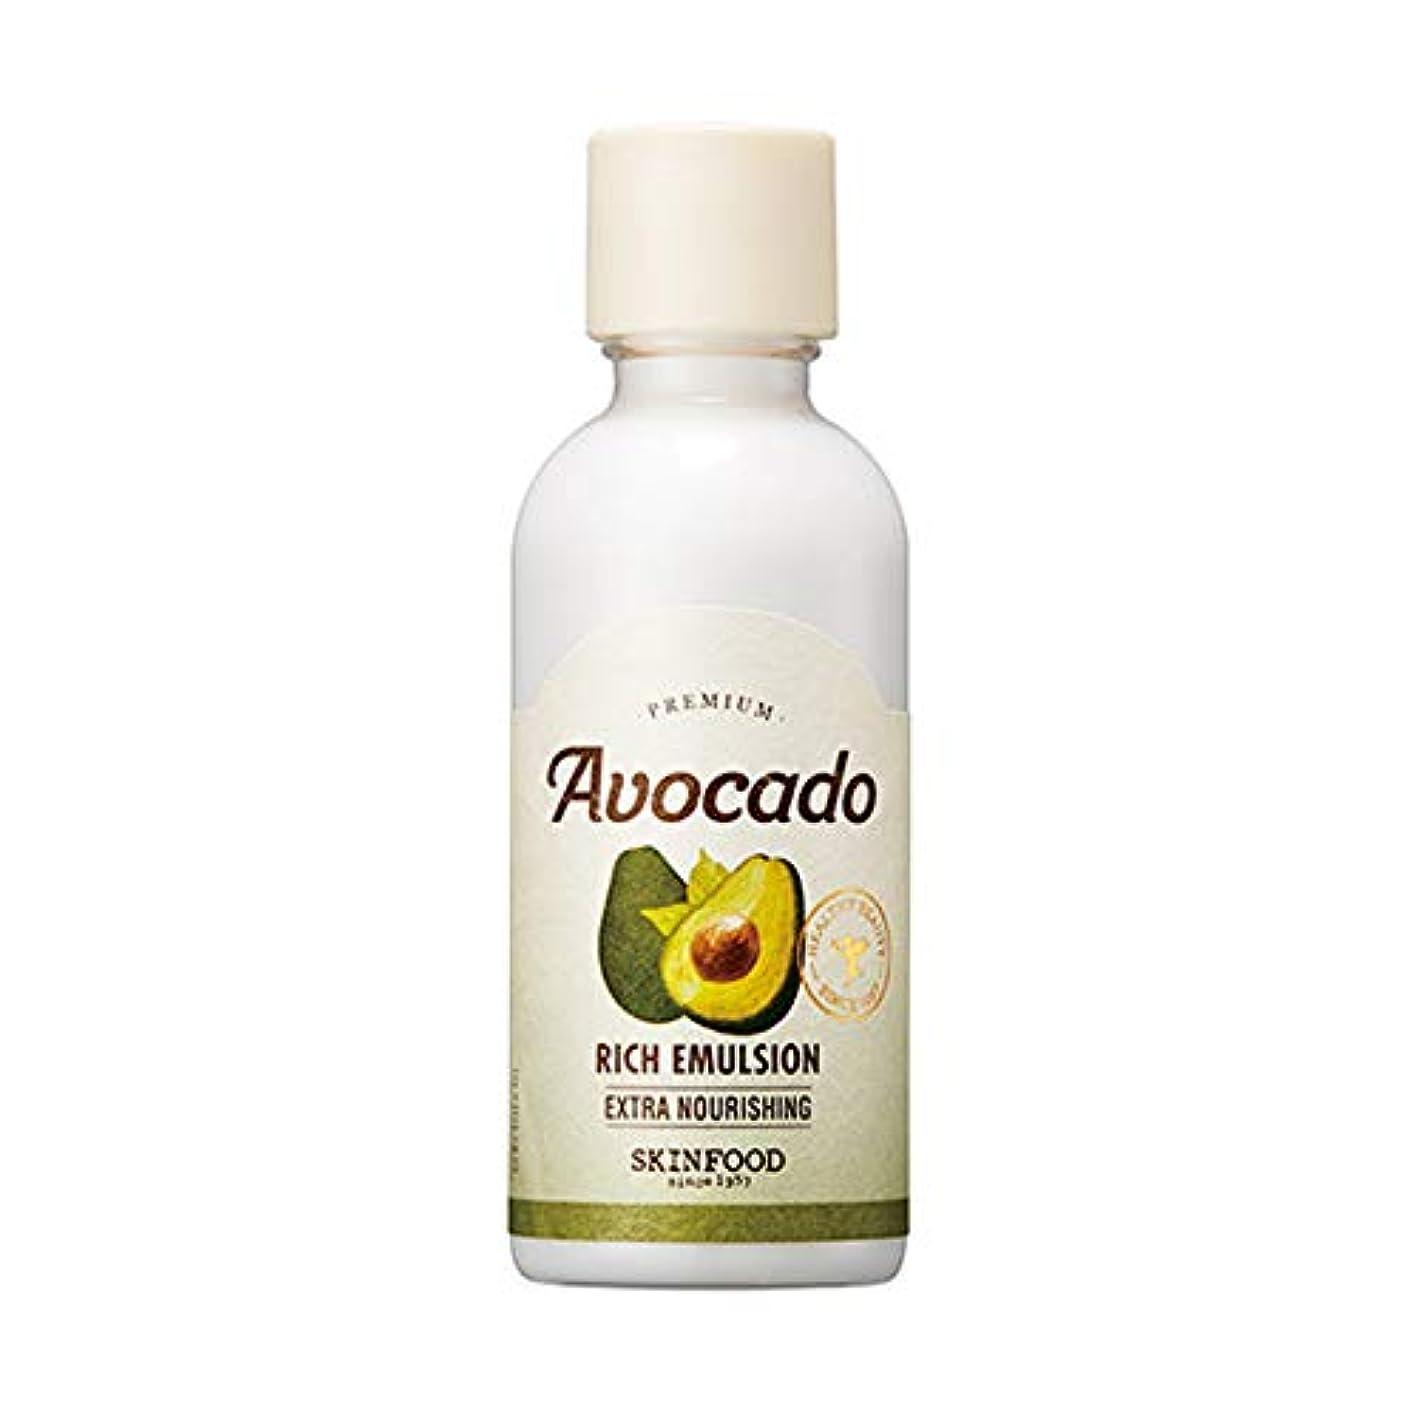 免除するペインプラグSkinfood プレミアムアボカドリッチエマルジョン/Premium Avocado Rich Emulsion 160ml [並行輸入品]